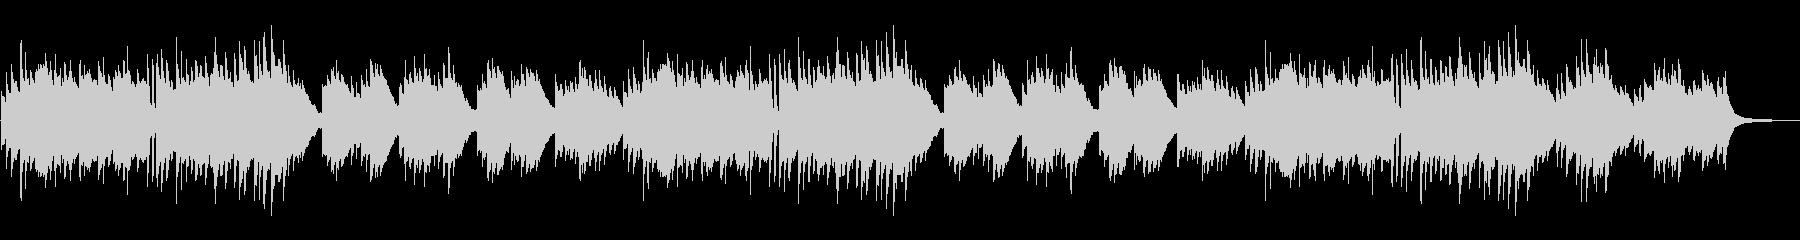 ゆったり切ない印象な和風のピアノソロの未再生の波形